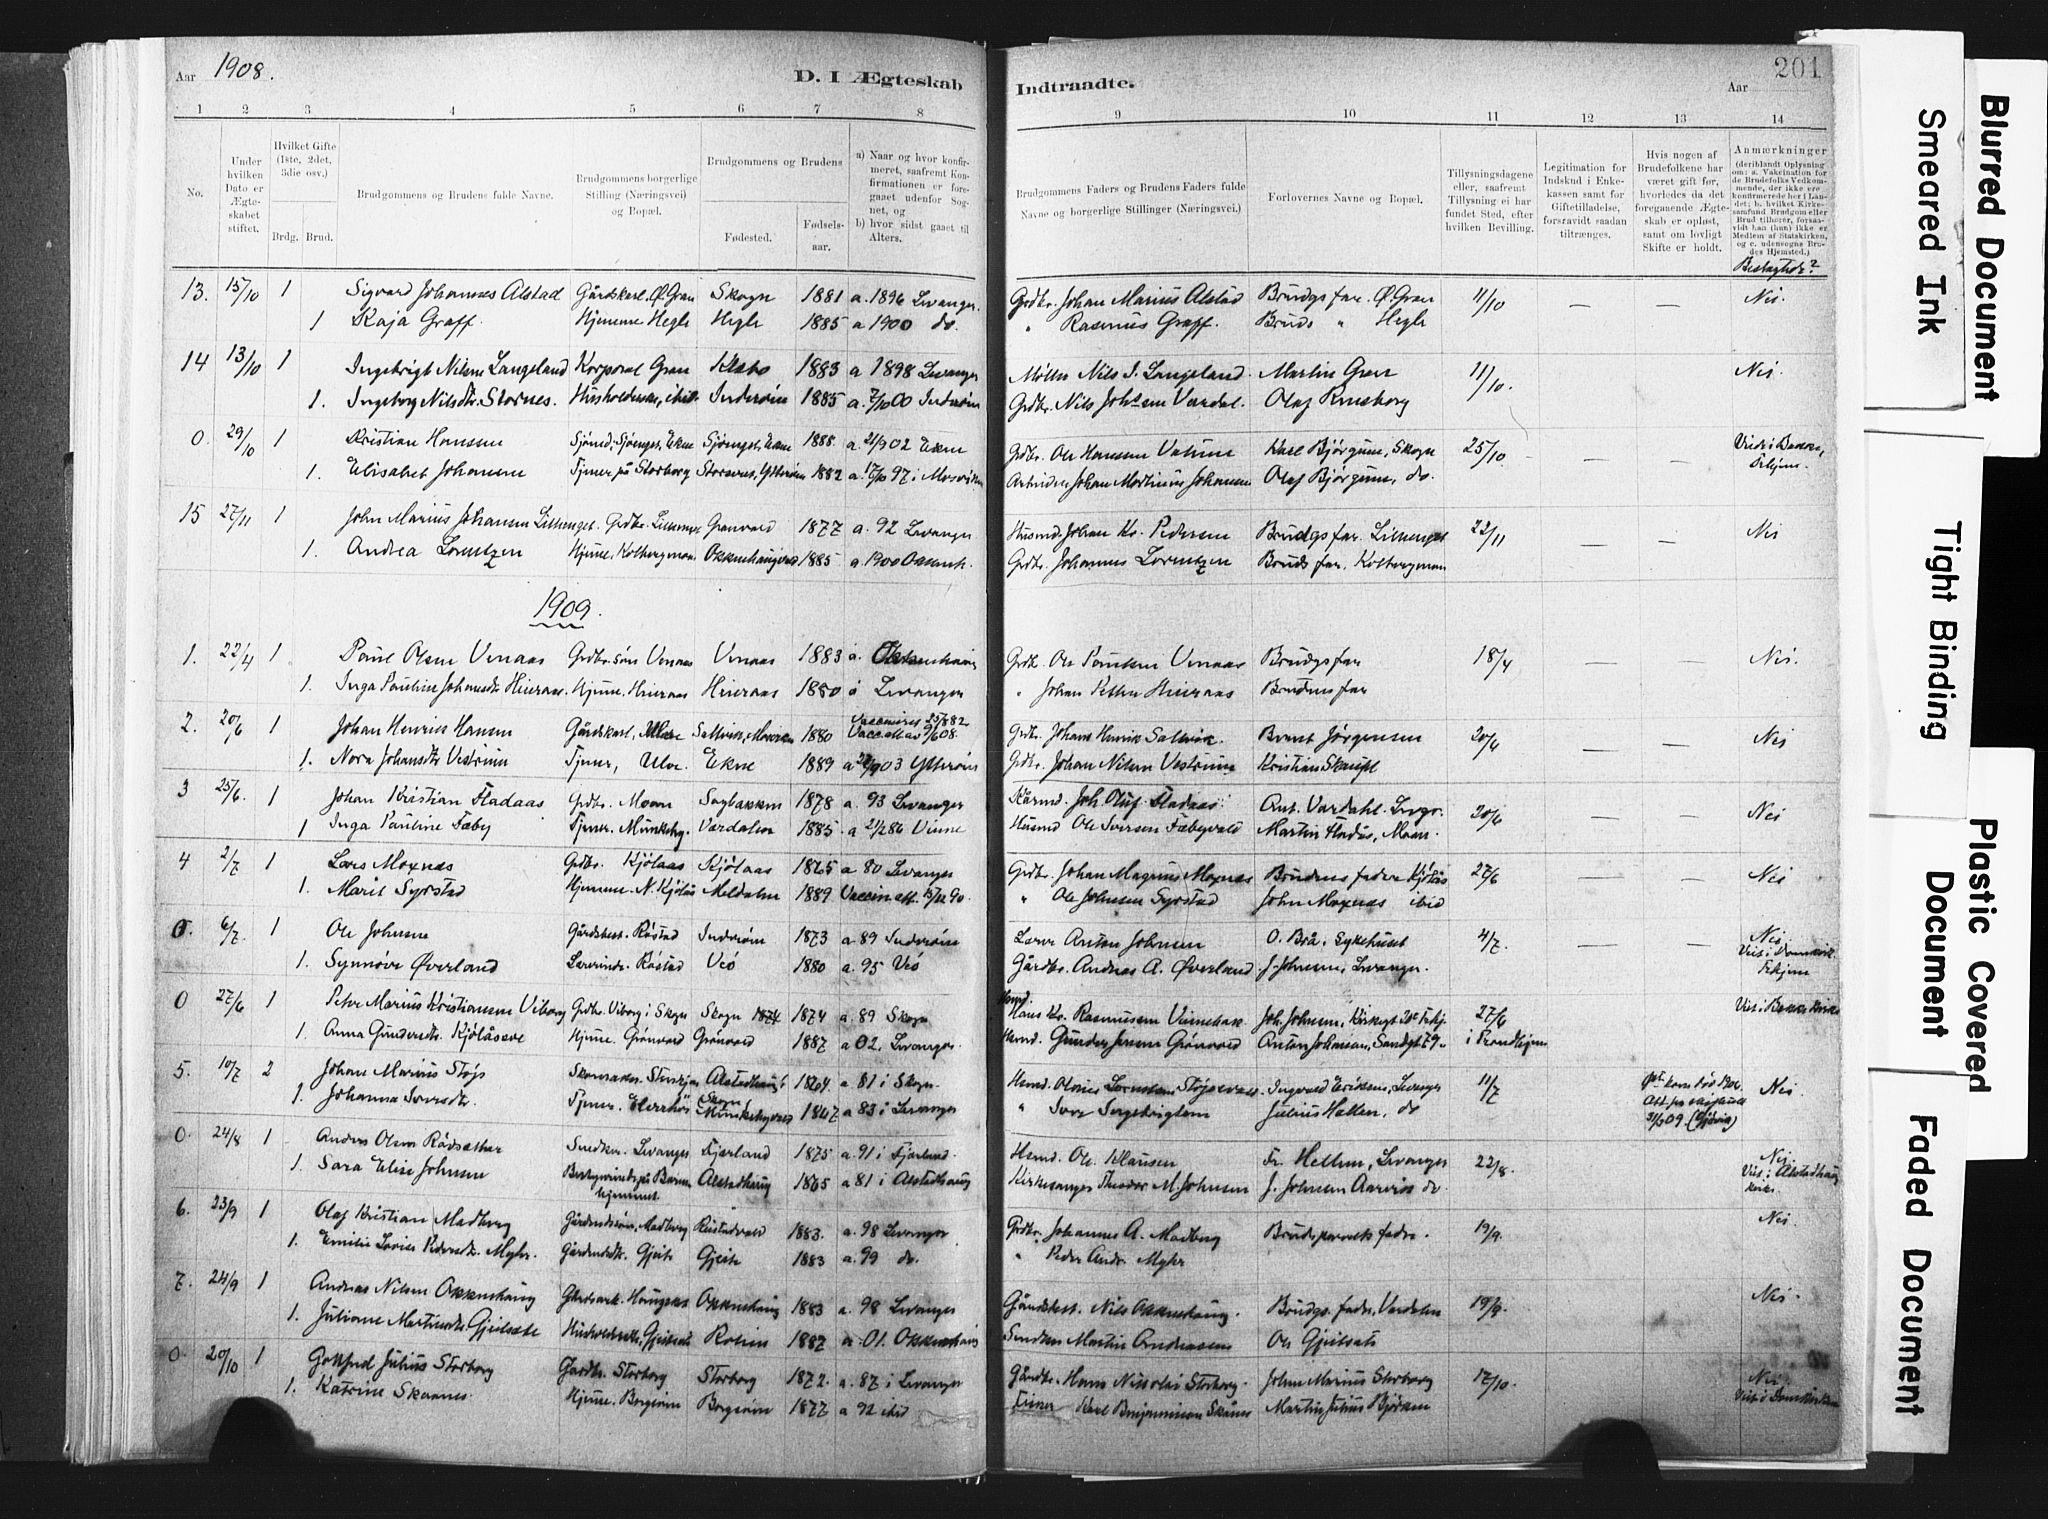 SAT, Ministerialprotokoller, klokkerbøker og fødselsregistre - Nord-Trøndelag, 721/L0207: Ministerialbok nr. 721A02, 1880-1911, s. 201